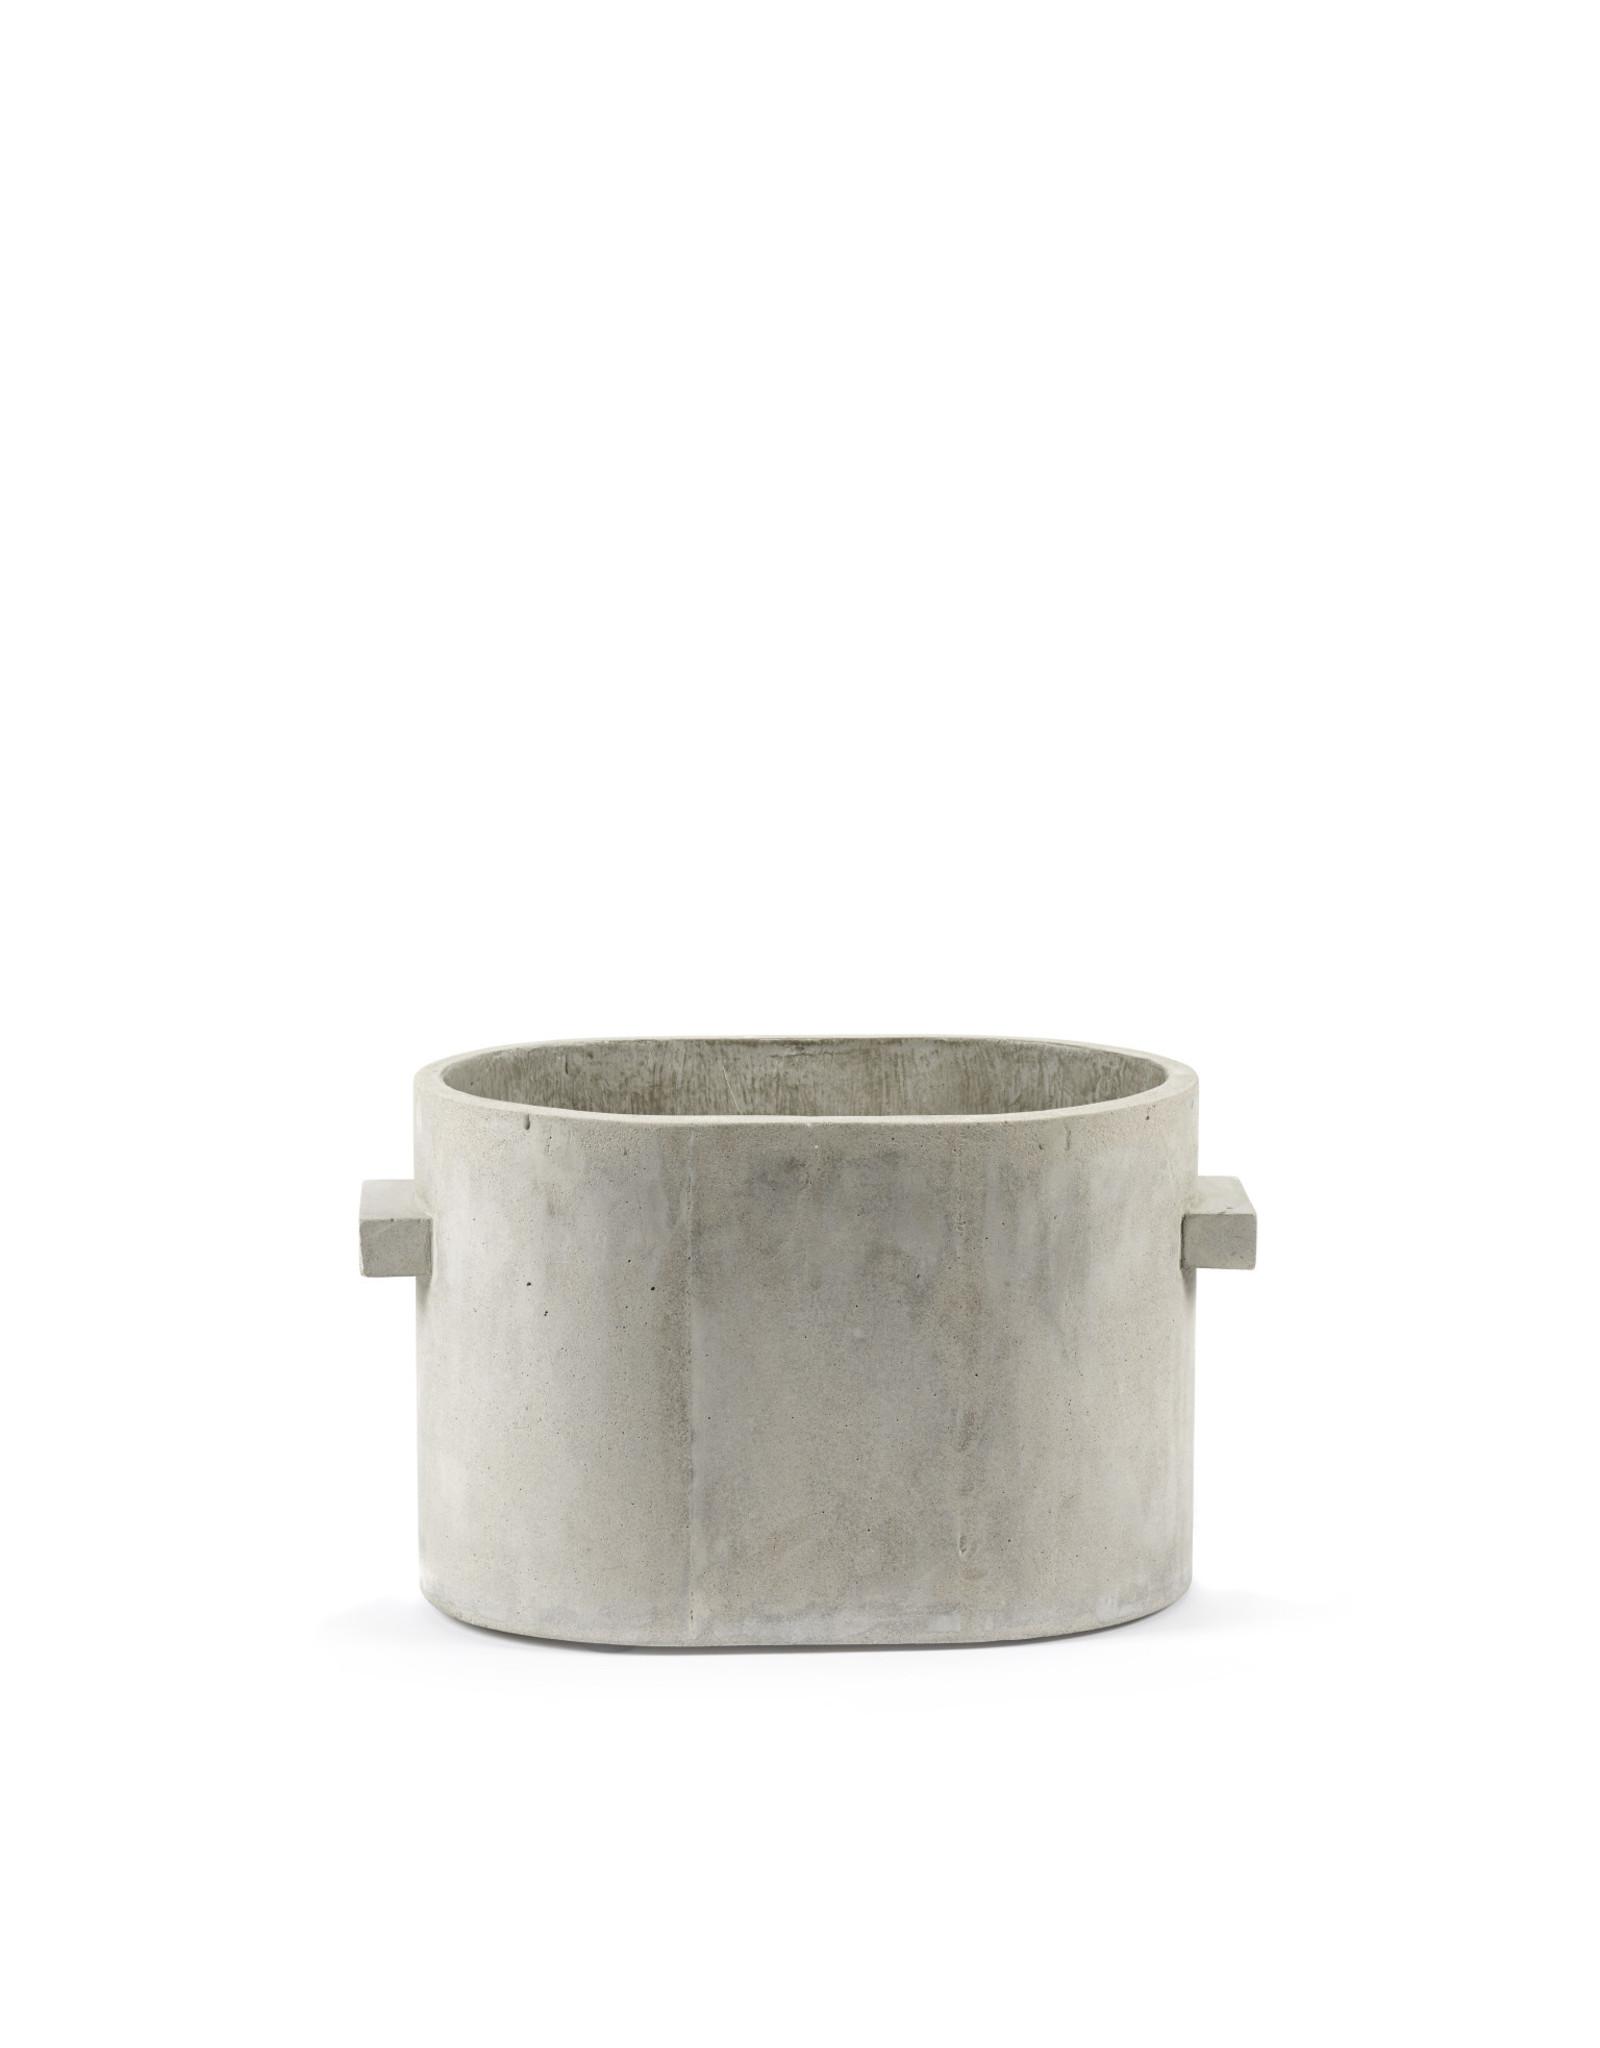 serax Concrete Oval Pot 34x23 h20